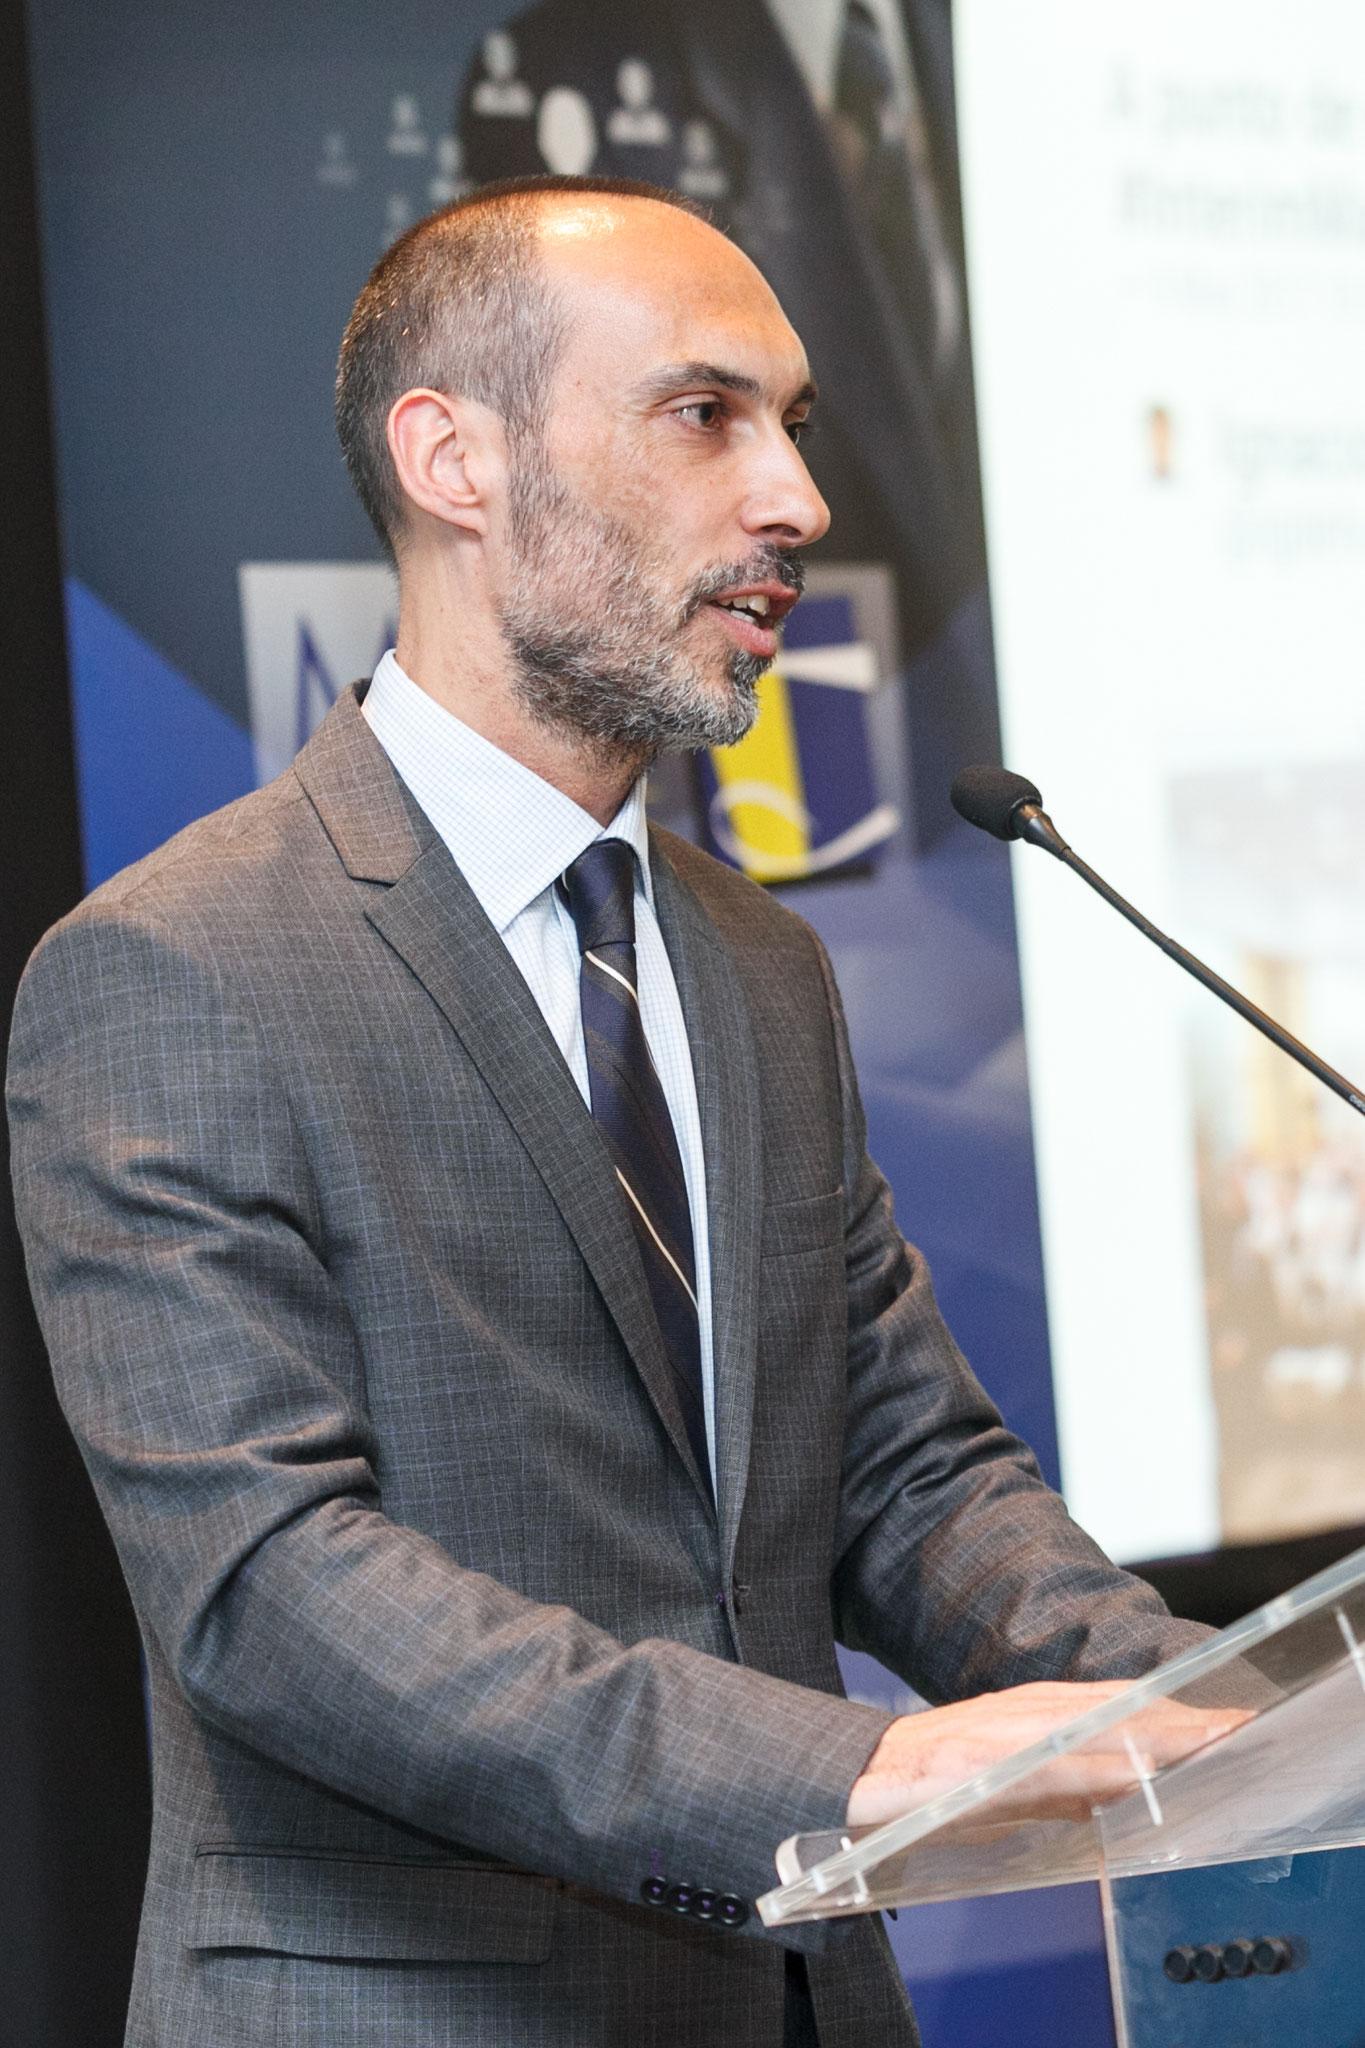 Apertura del I Congreso Nacional de Interim Management por parte de Pío Iglesias (presidente de AIME)